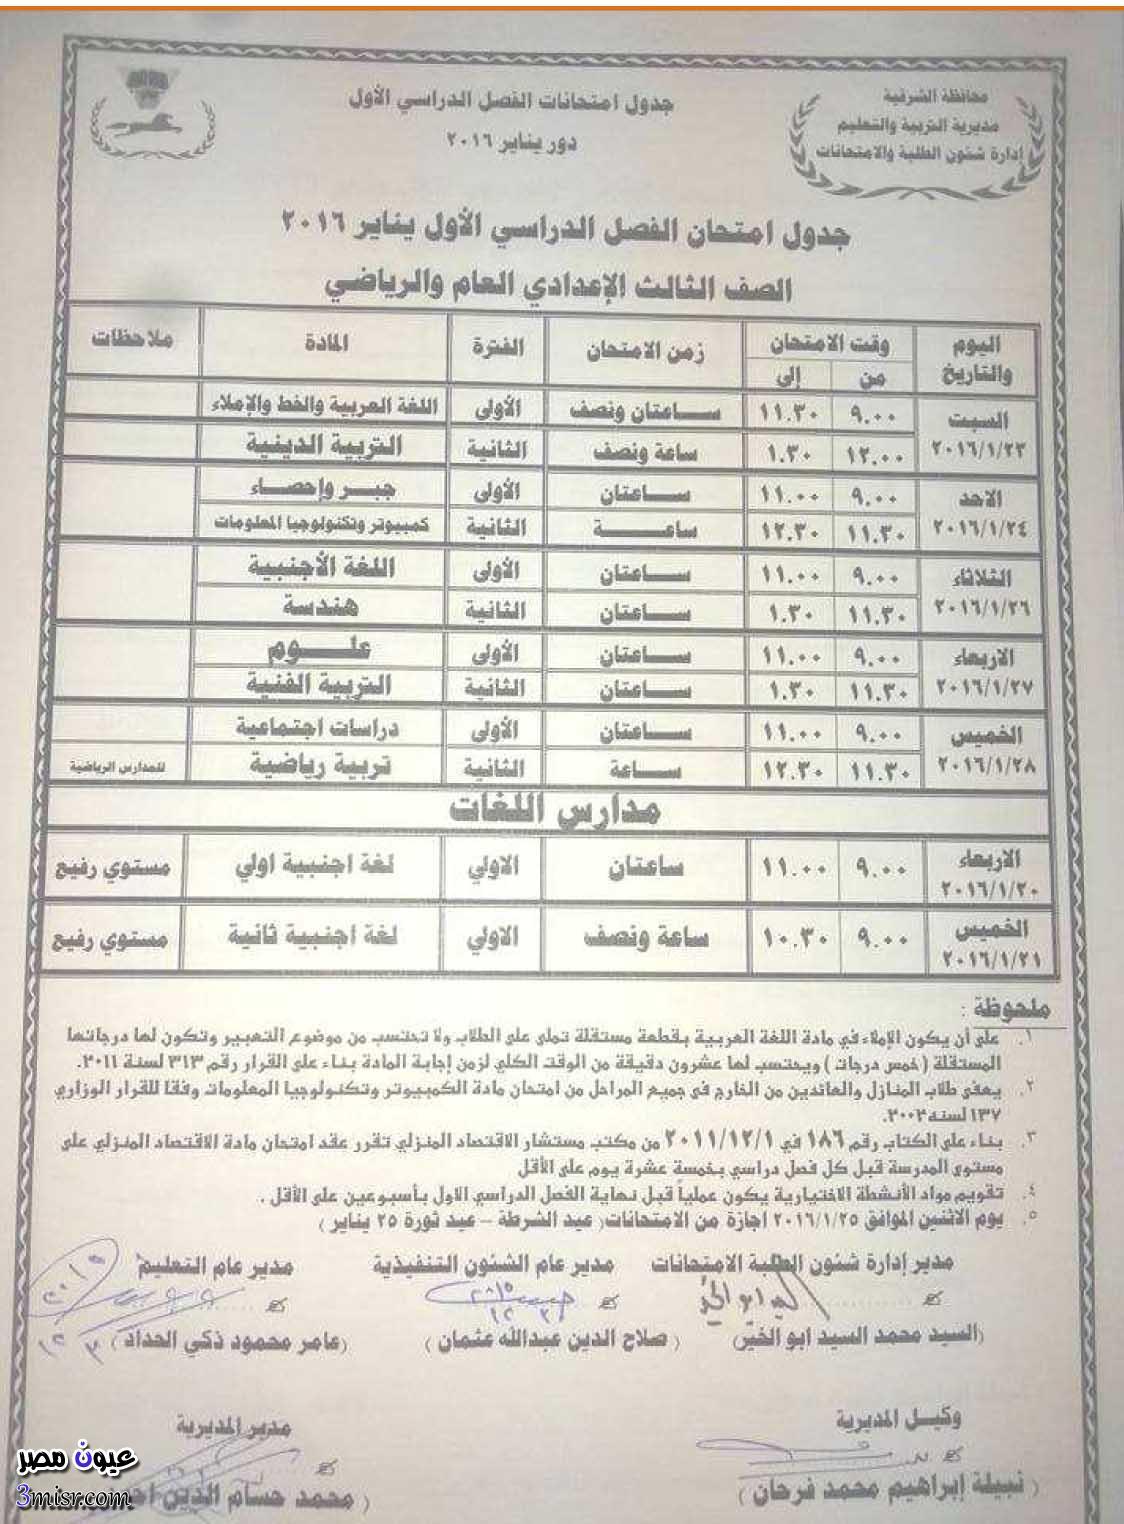 جدول الامتحانات محافظة الشرقية الشهادة الاعدادية 2015